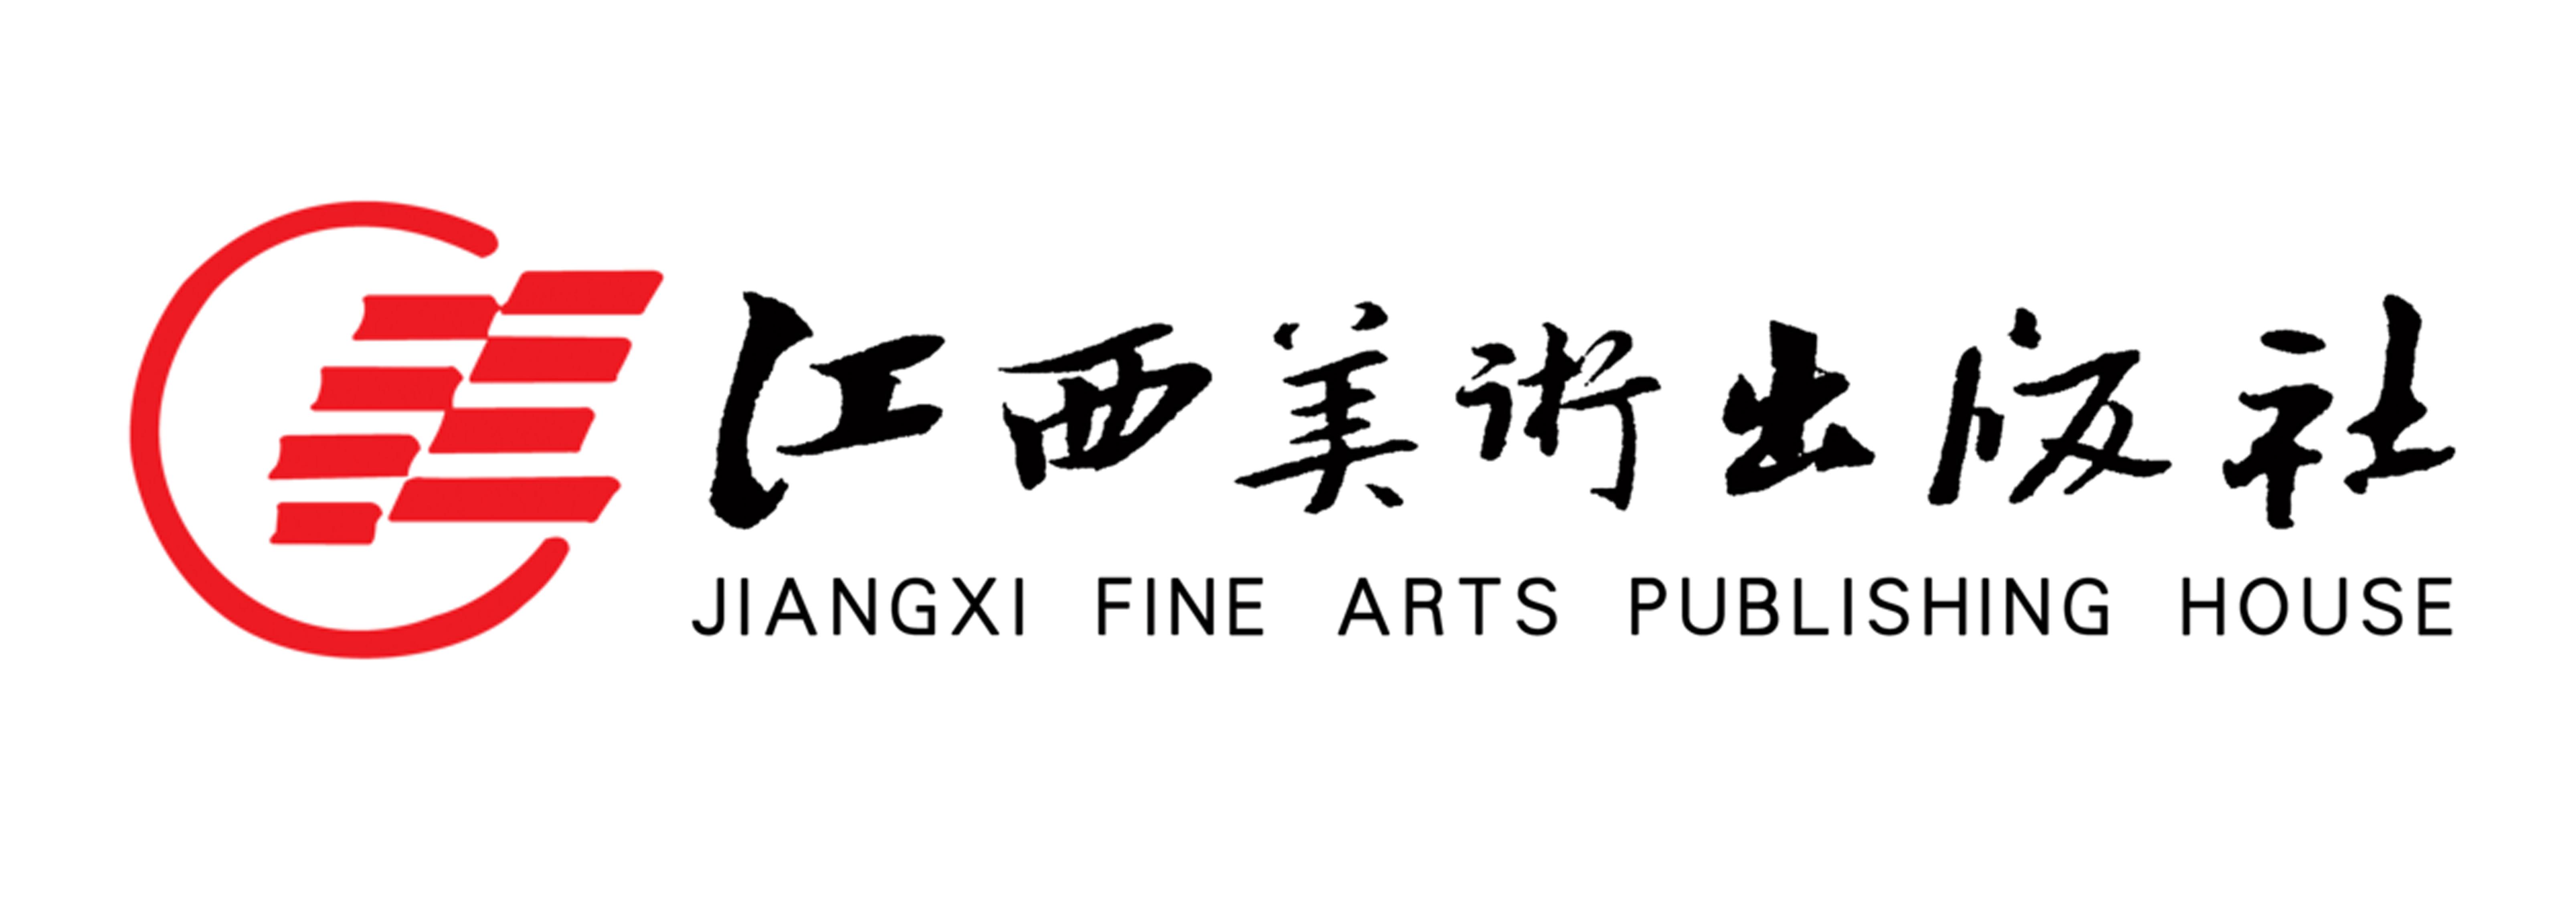 江西美术出版社出版社